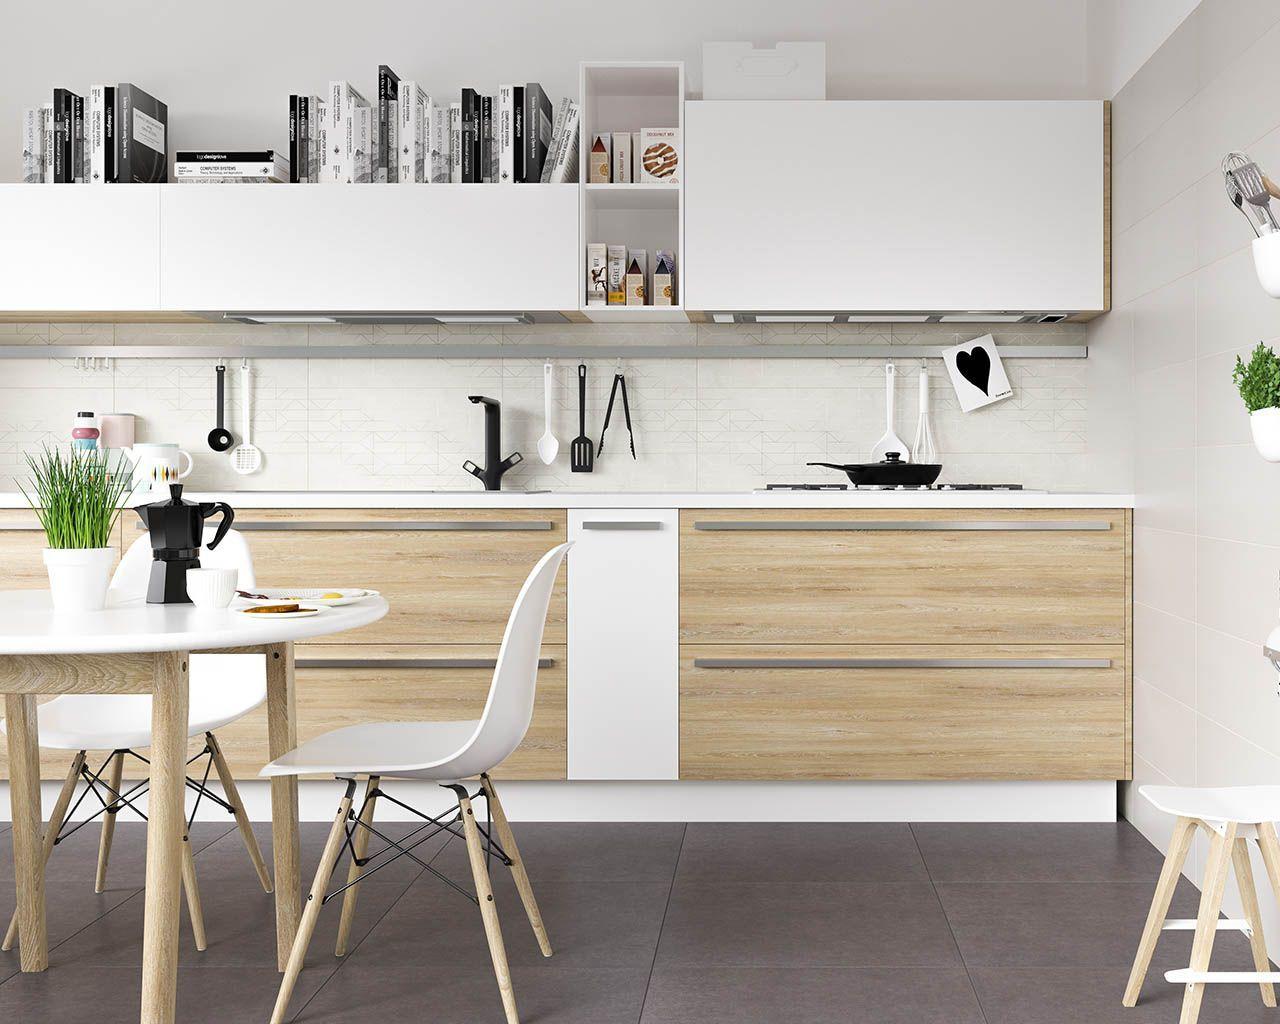 nội thất nhà bếp Châu Âu hiện đại